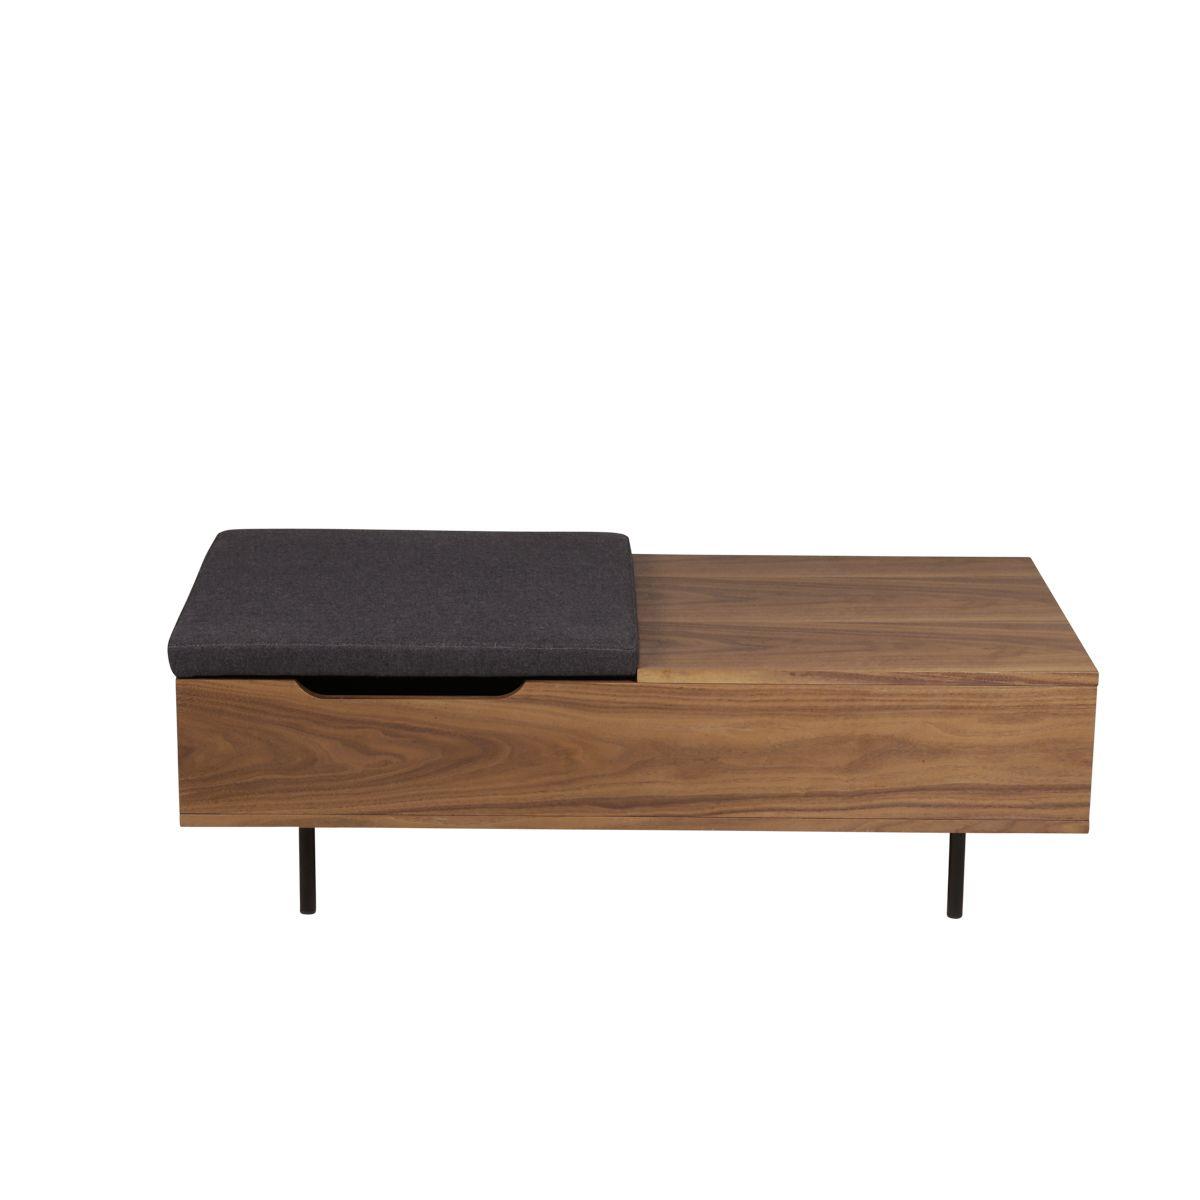 Table basse rectangulaire placage noyer, coffre intégré